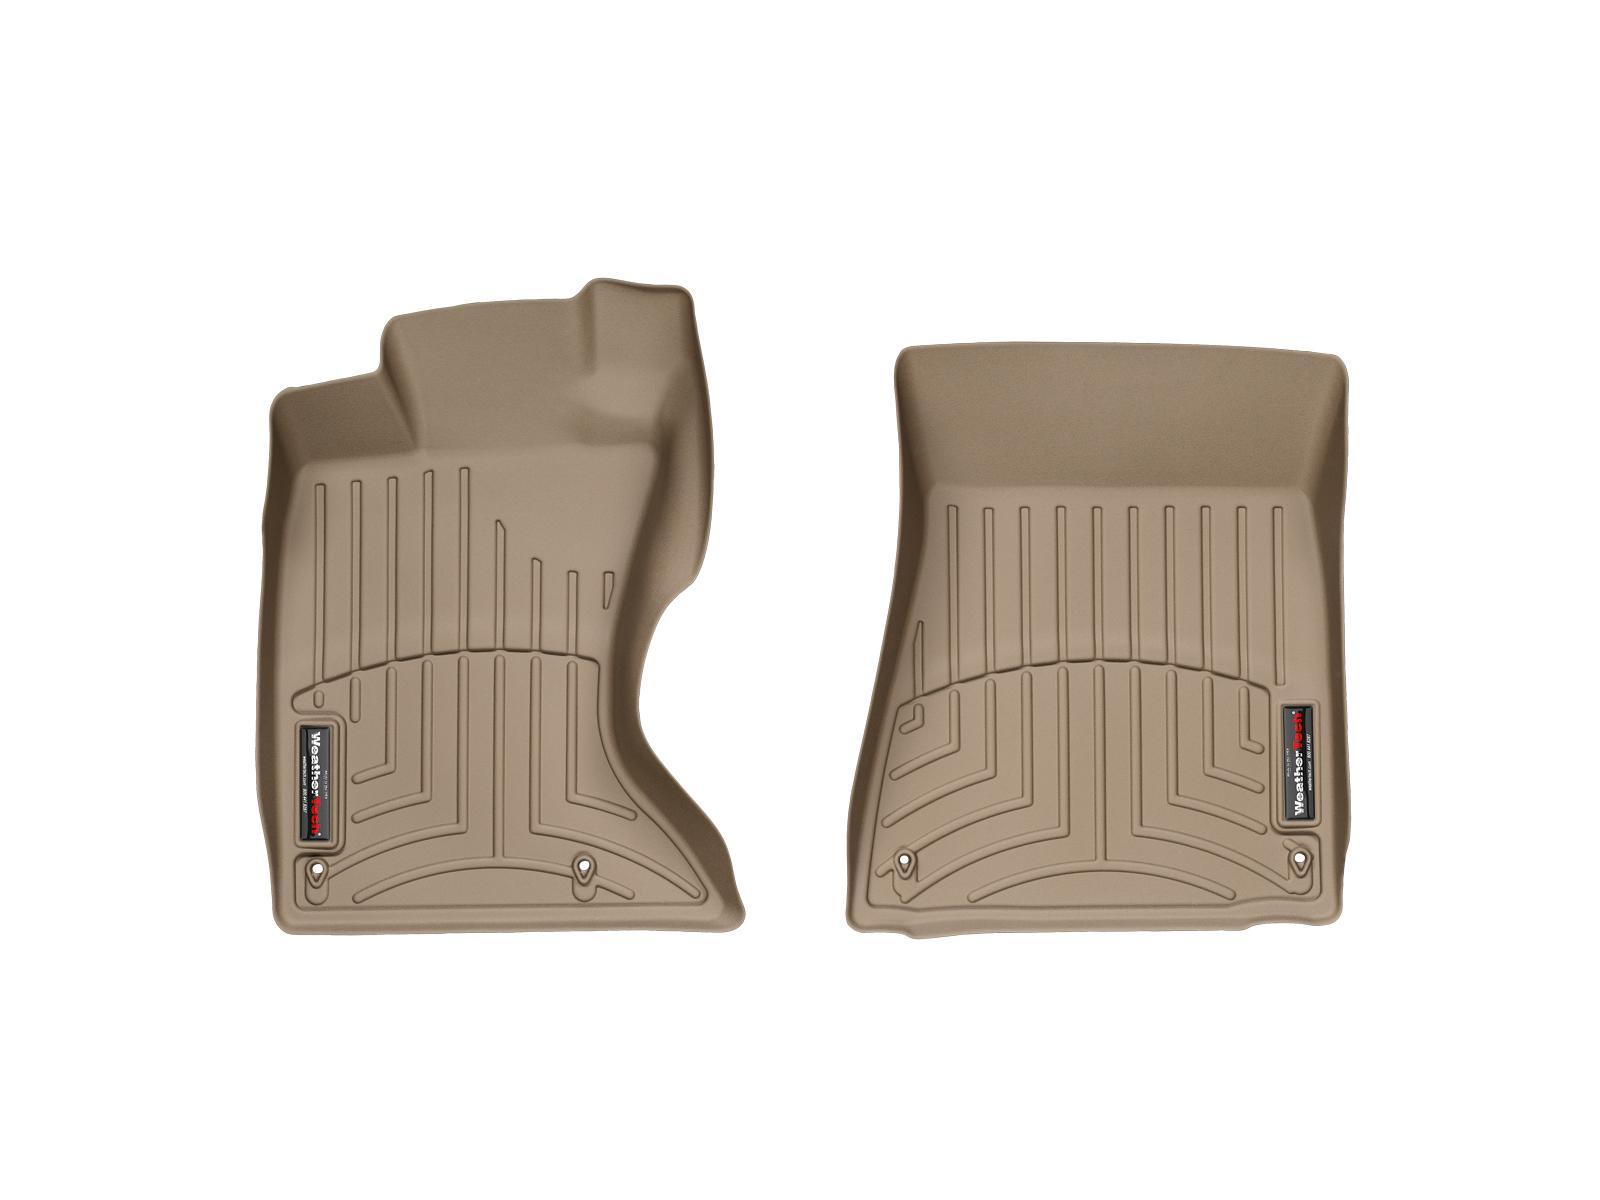 Tappeti gomma su misura bordo alto Lexus GS 300 06>06 Marrone A2021*